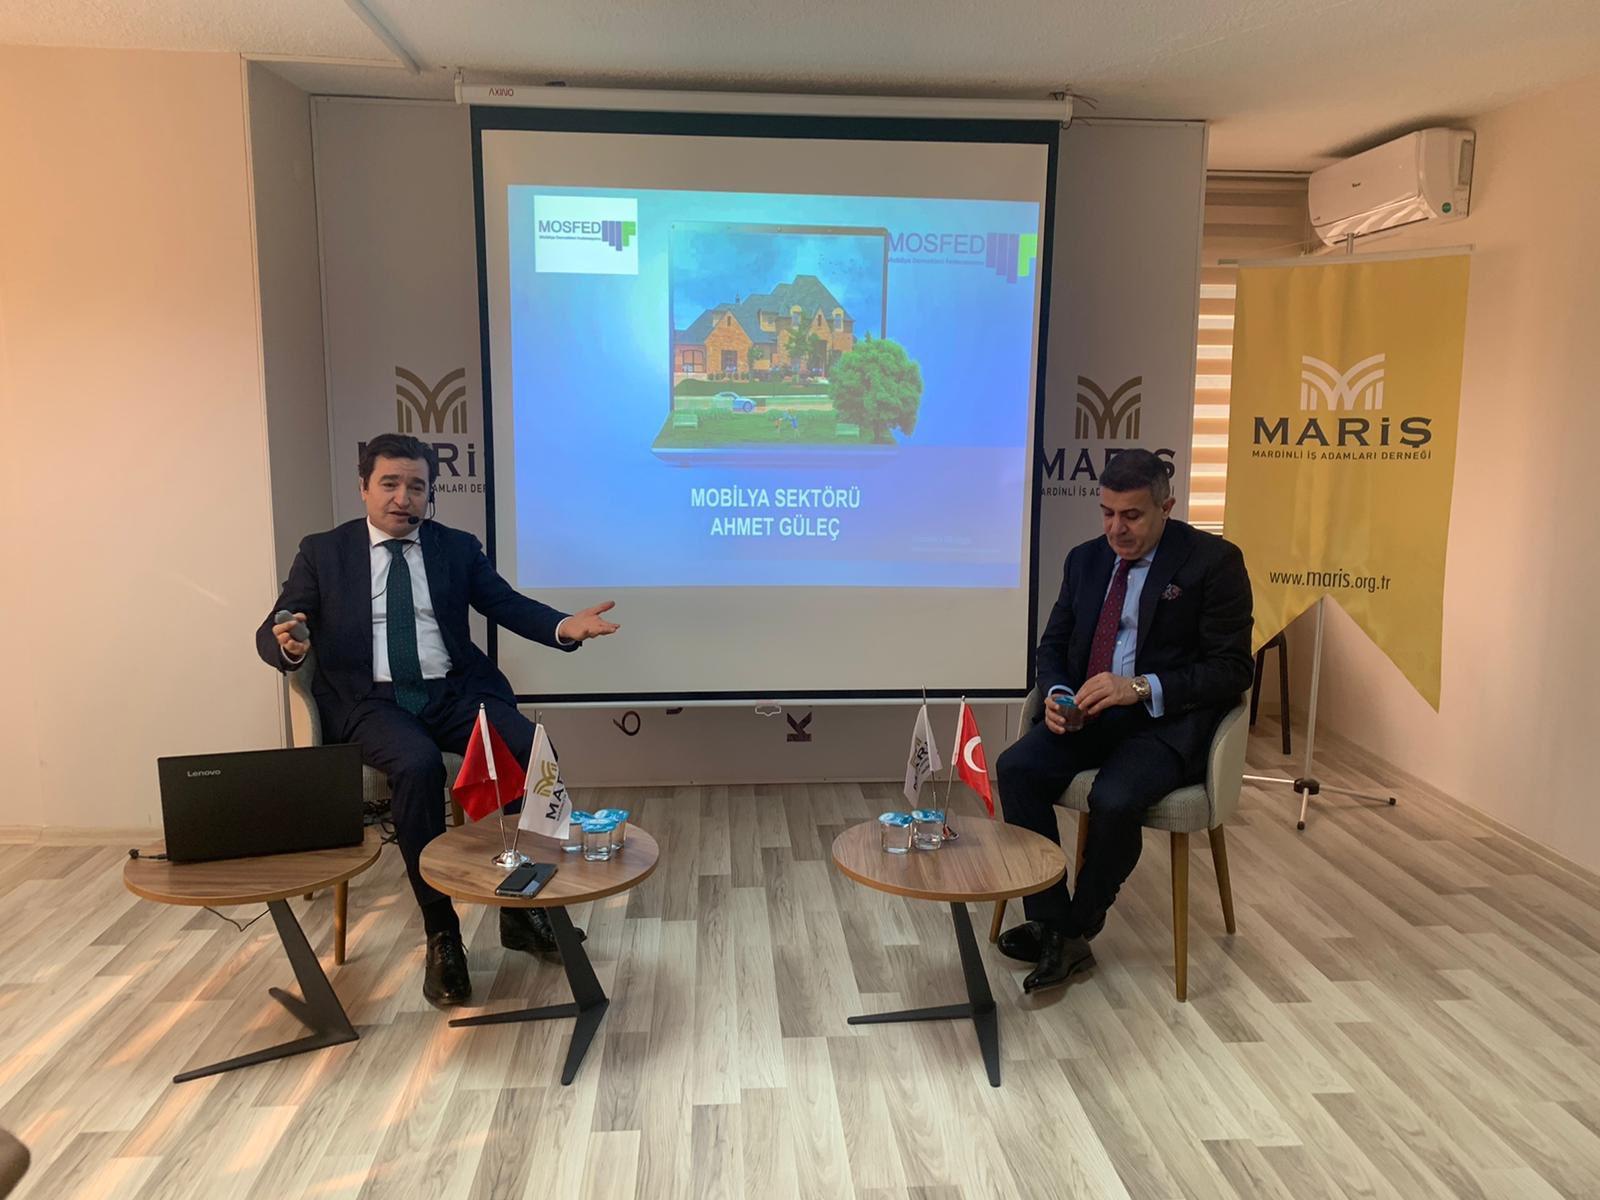 Cumartesi Buluşmaları'nda Türkiye'nin Vizyoner Sektörü Mobilya Sektörünü Konuştu.. <a href='icerikler.php?kategori=cumartesi-bulusmalari&icerik=cumartesi-bulusmalari-nda-turkiye-nin-vizyoner-sektoru-mobilya-sektorunu-konustuk'>Devamını Oku</a>